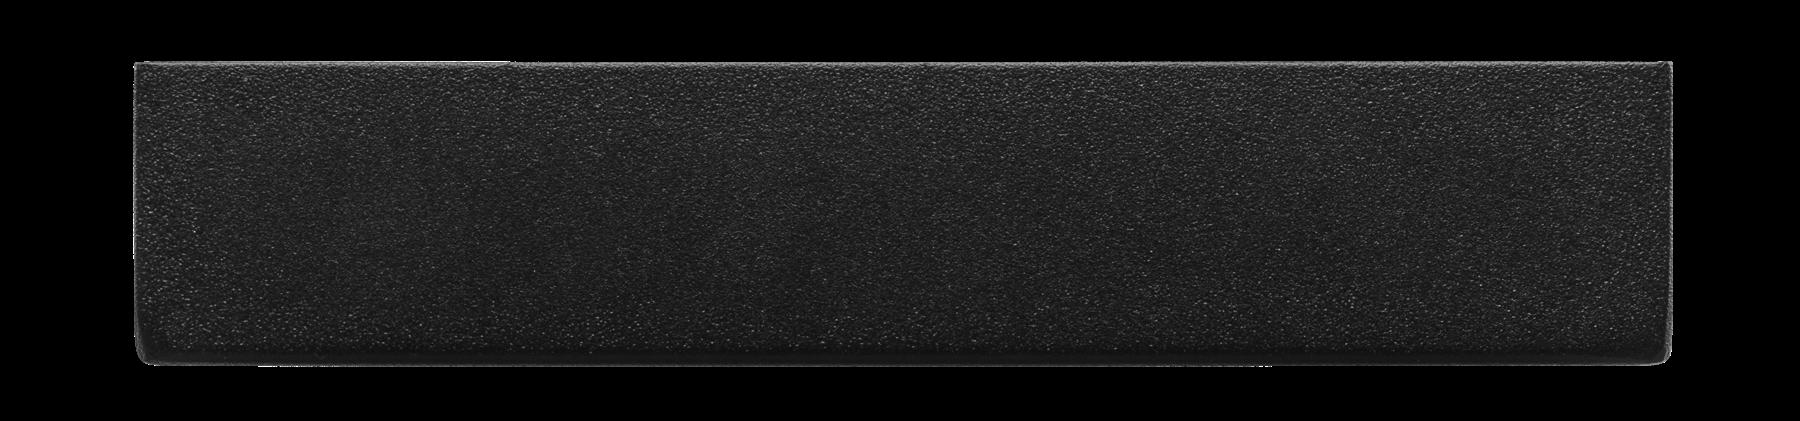 77202800 128 UW 28 side left s1800x